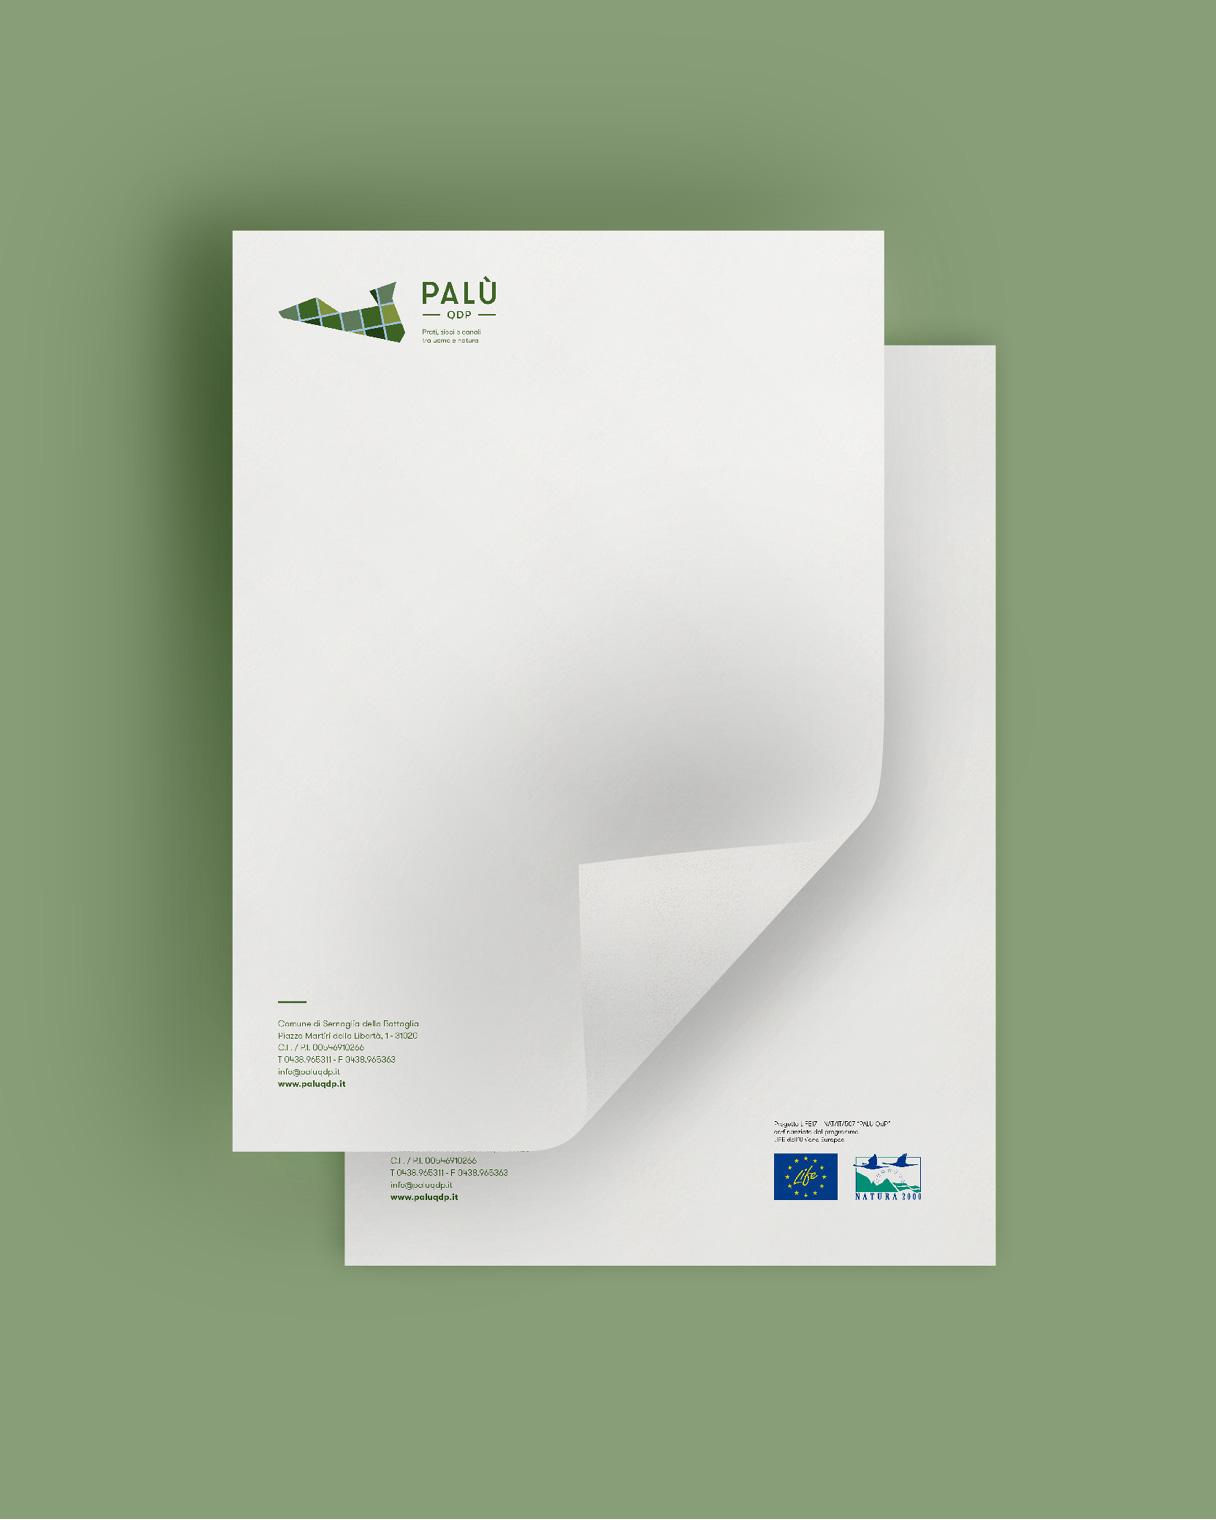 Marketing territoriale carta intestata PALU QdP | Kora Comunicazione